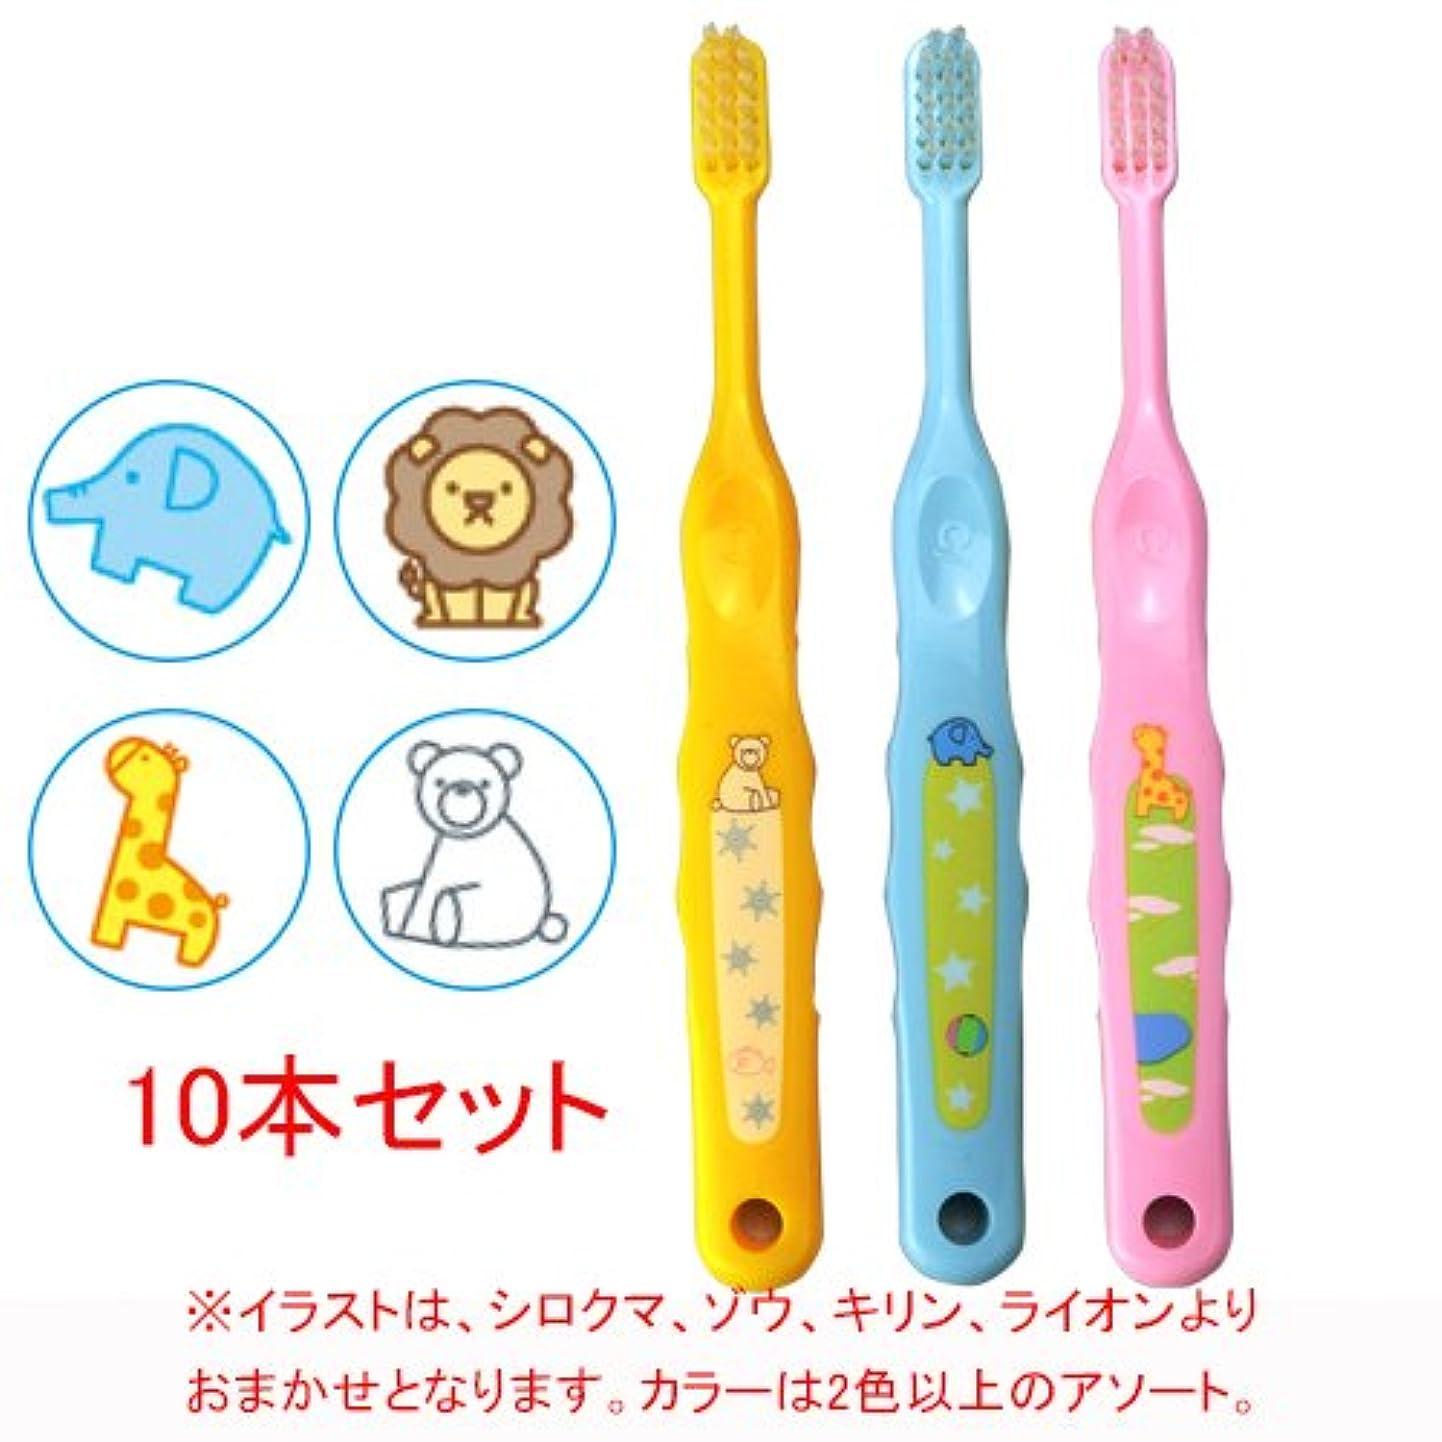 奇跡的な受益者クリエイティブCiメディカル Ci なまえ歯ブラシ 503 (やわらかめ) (乳児~小学生向)10本